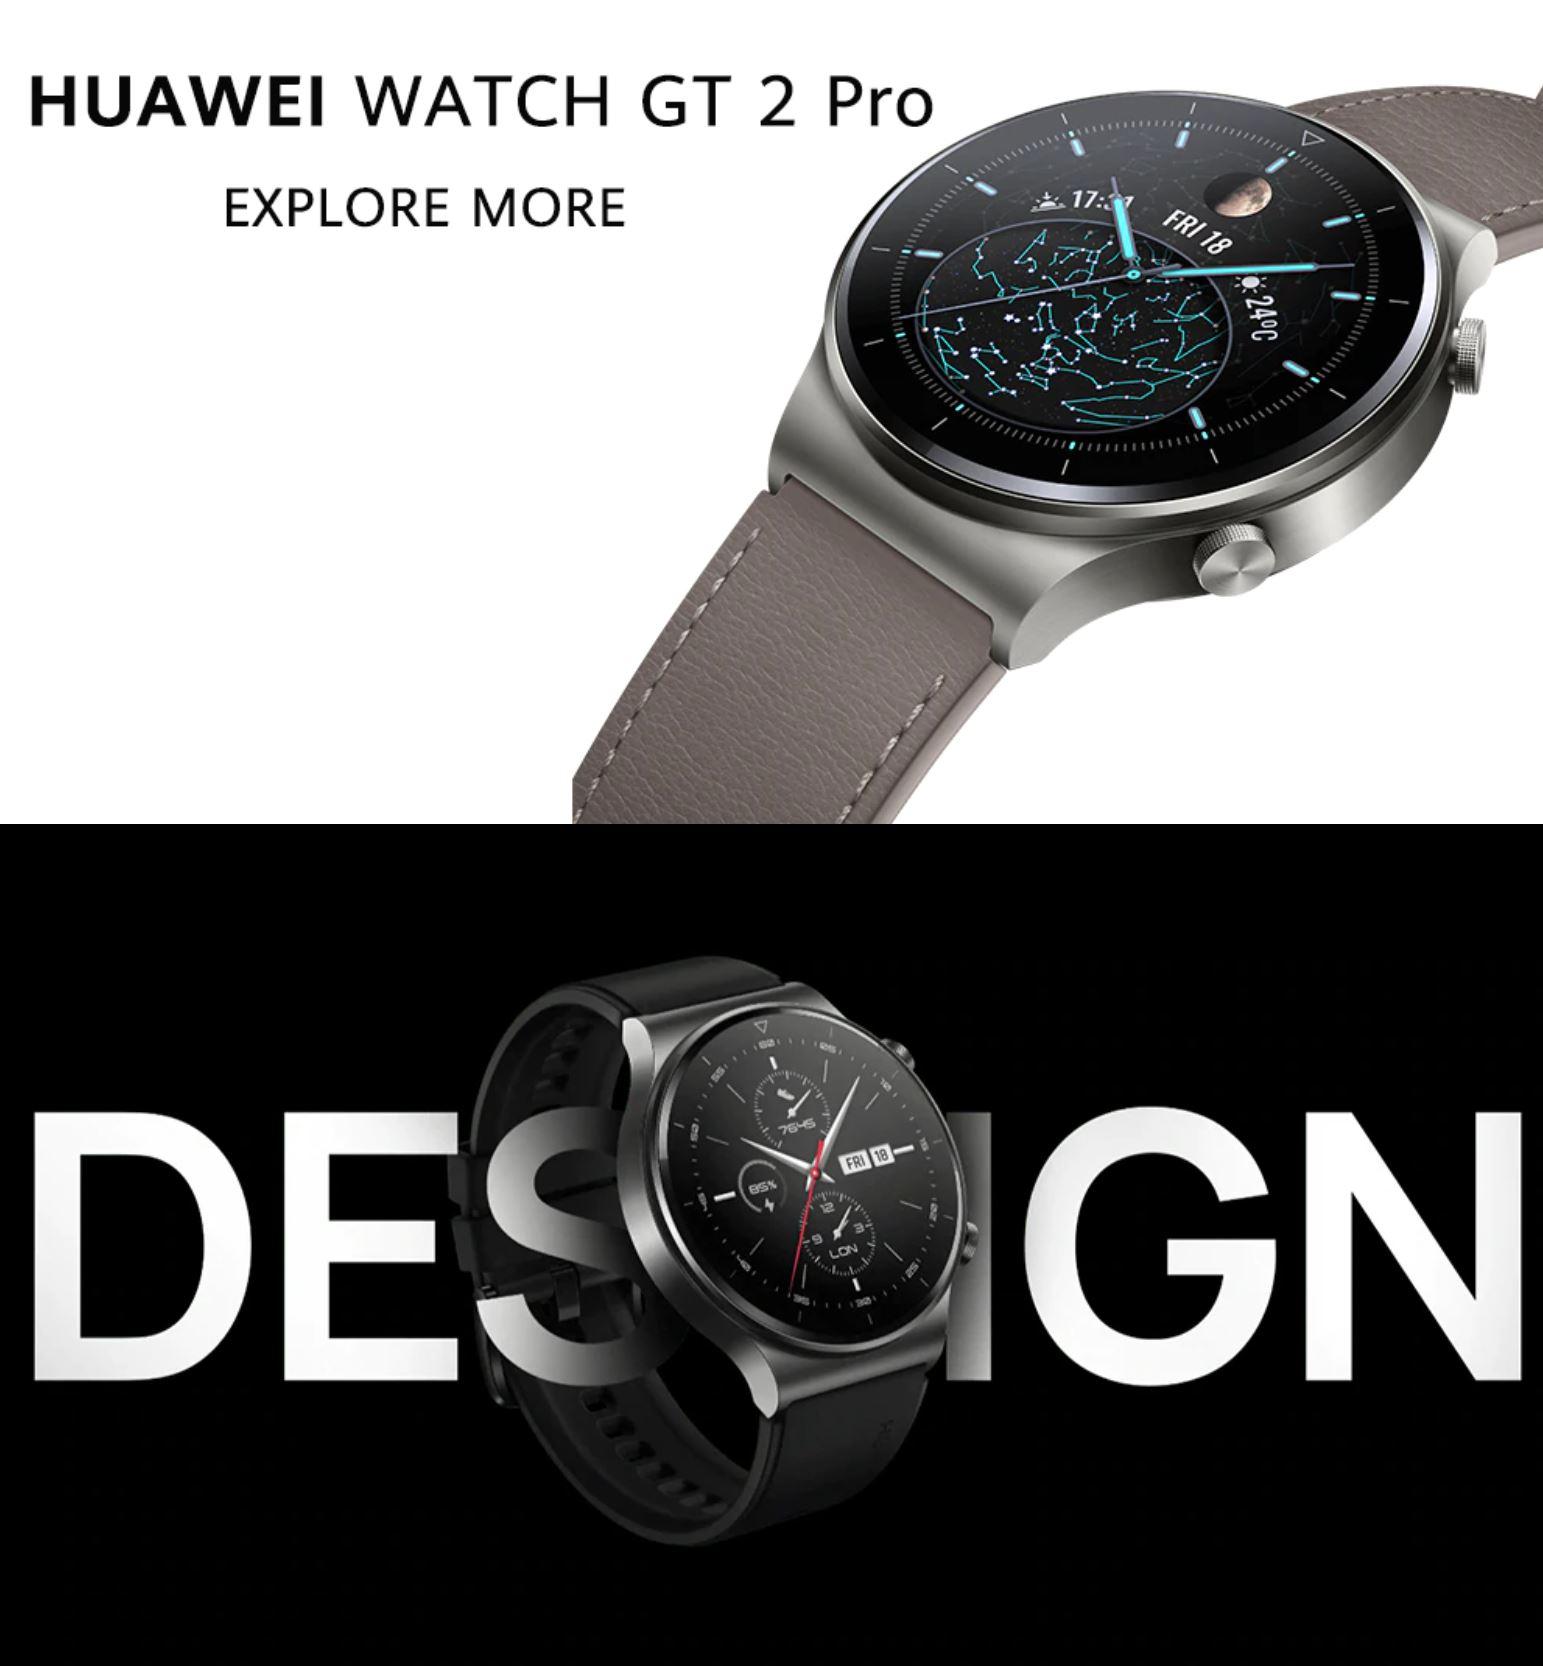 Smartwatche z Aliexpress - bogata oferta w rewelacyjnie niskich cenach - Huawei Watch GT 2 Pro